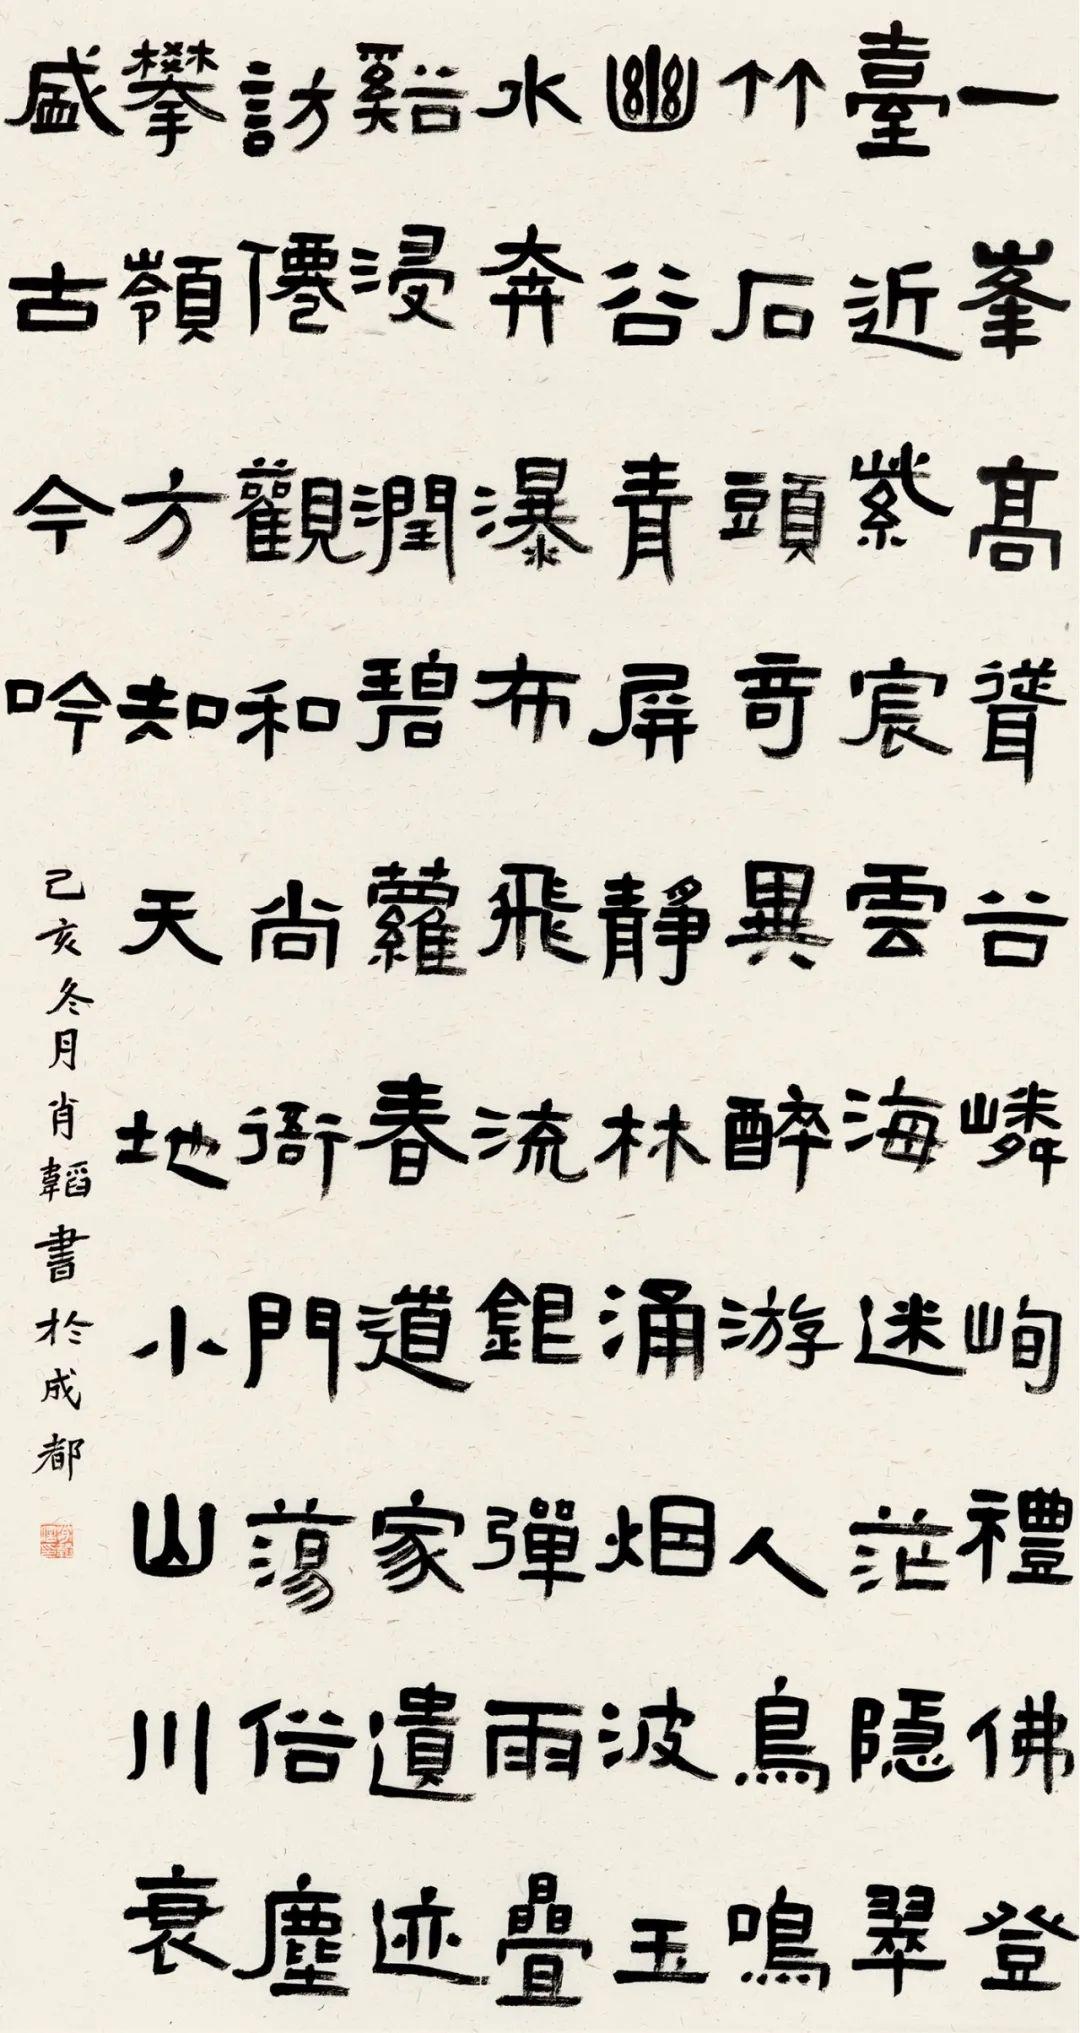 """水墨崃山2021″宜府春""""杯诗书画印艺术作品展 公告"""